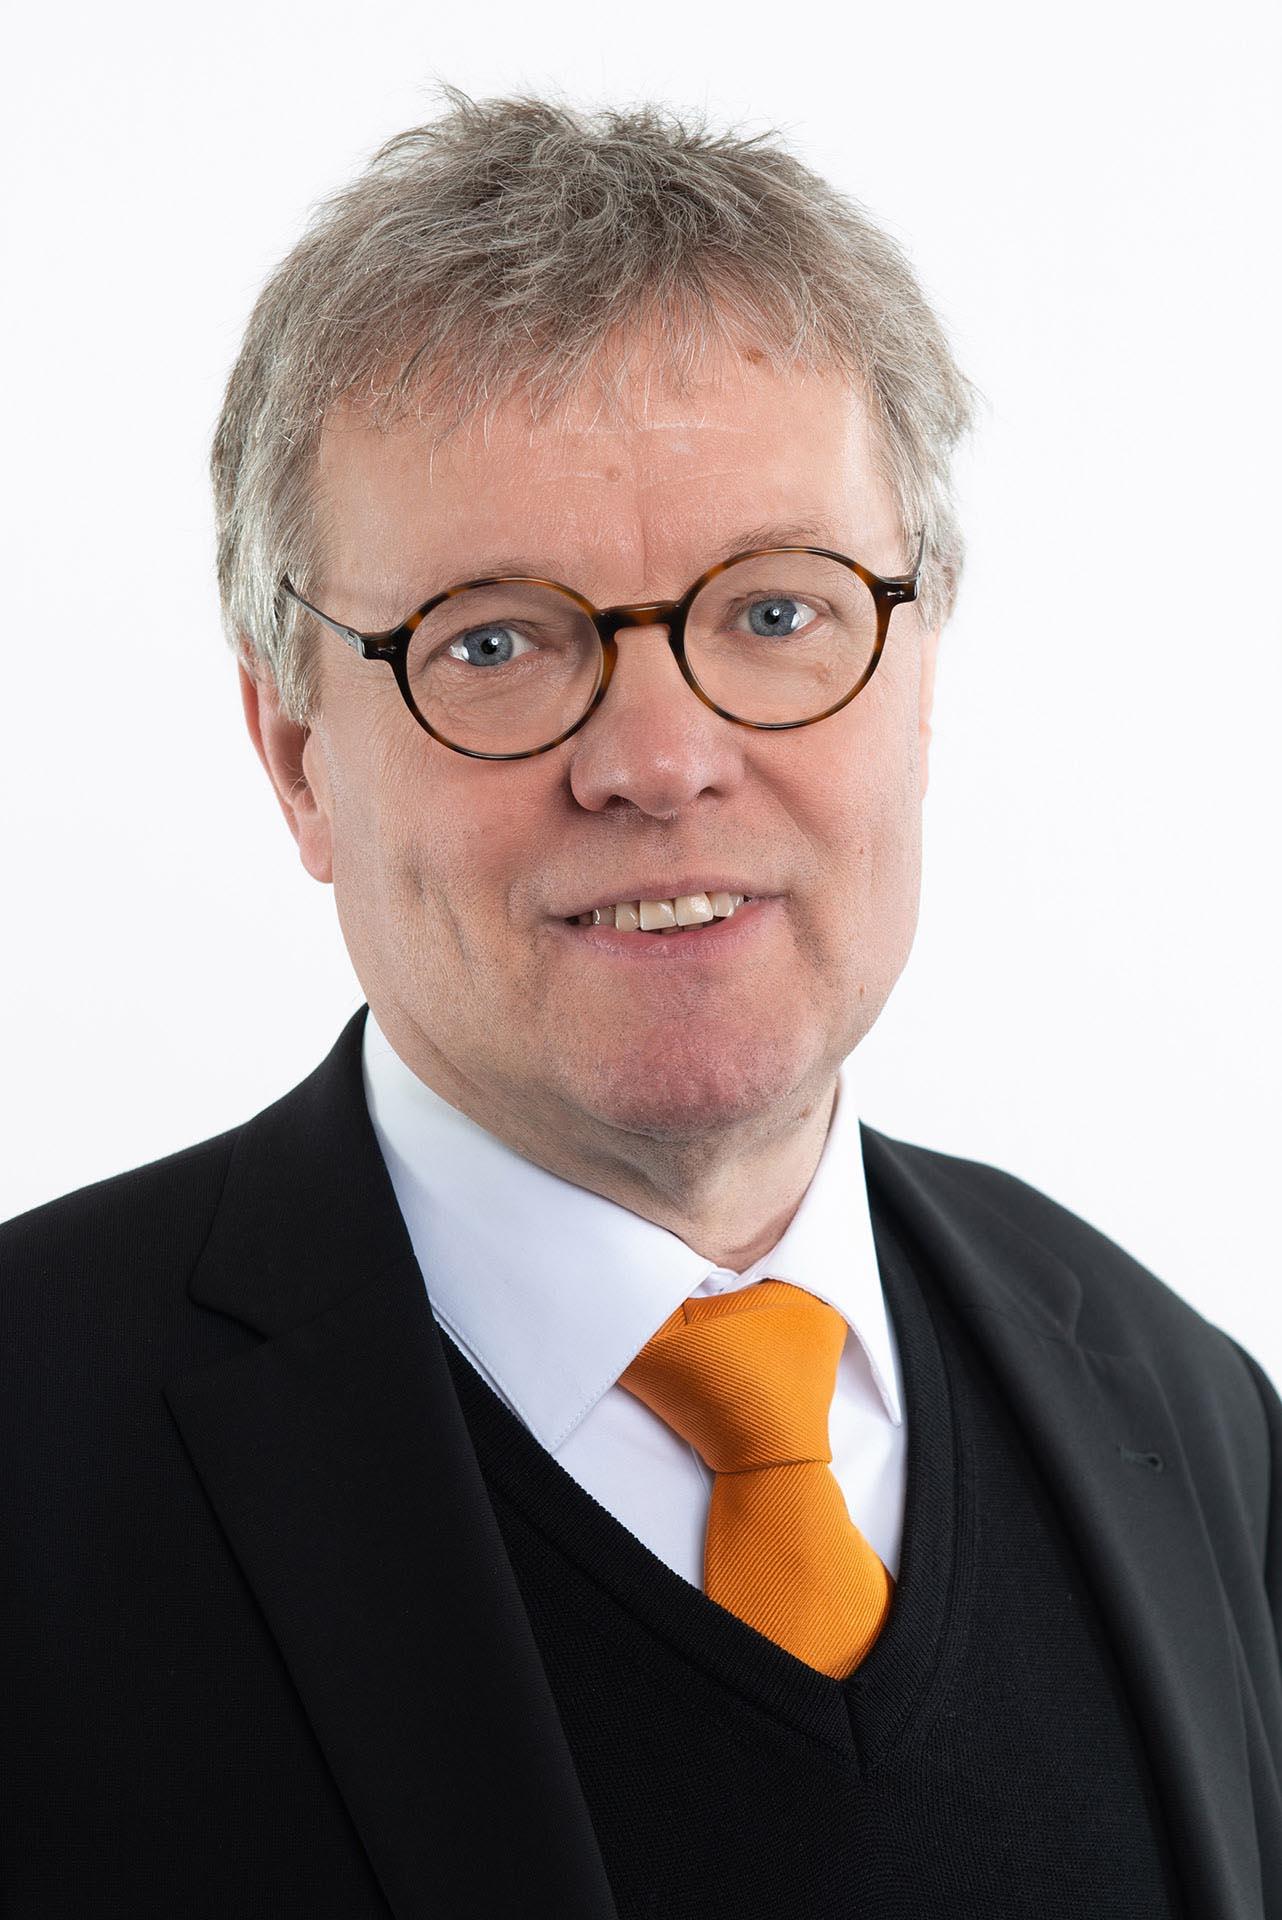 Ignatz Heggemann, Dipl. Sozialwirt, Fachanwalt für Arbeitsrecht